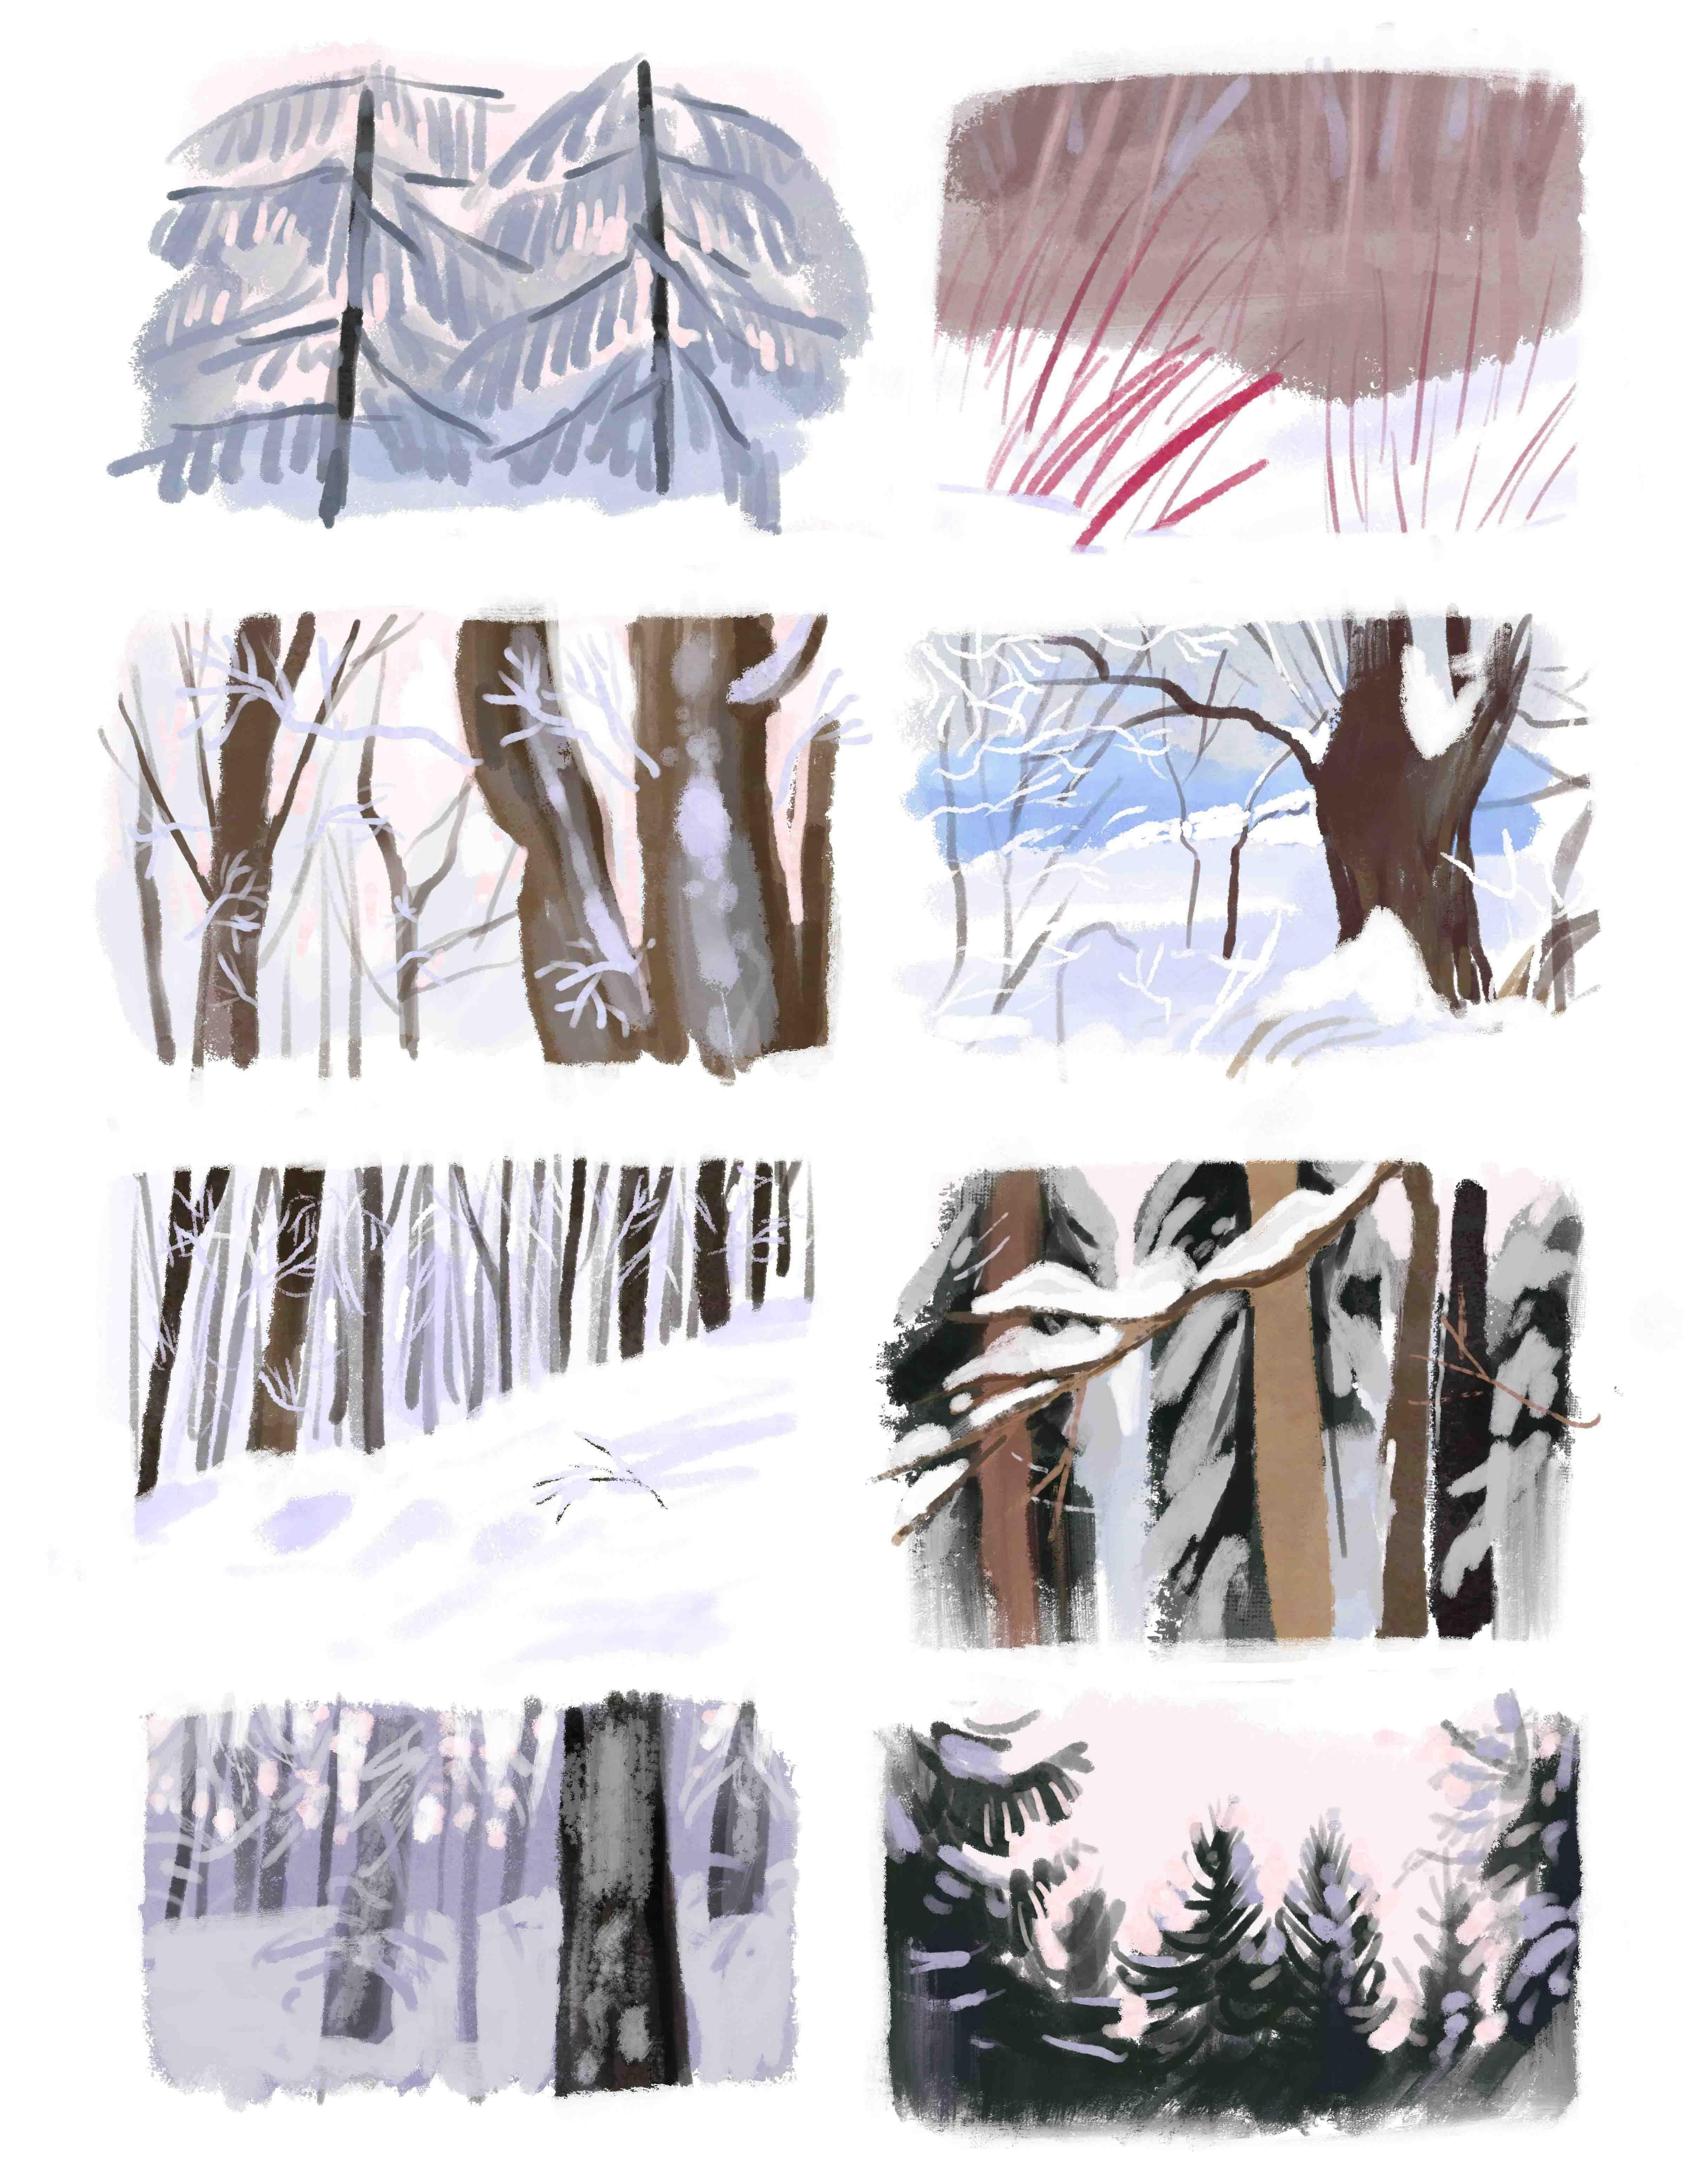 zimowa ilustracja cyfrowa